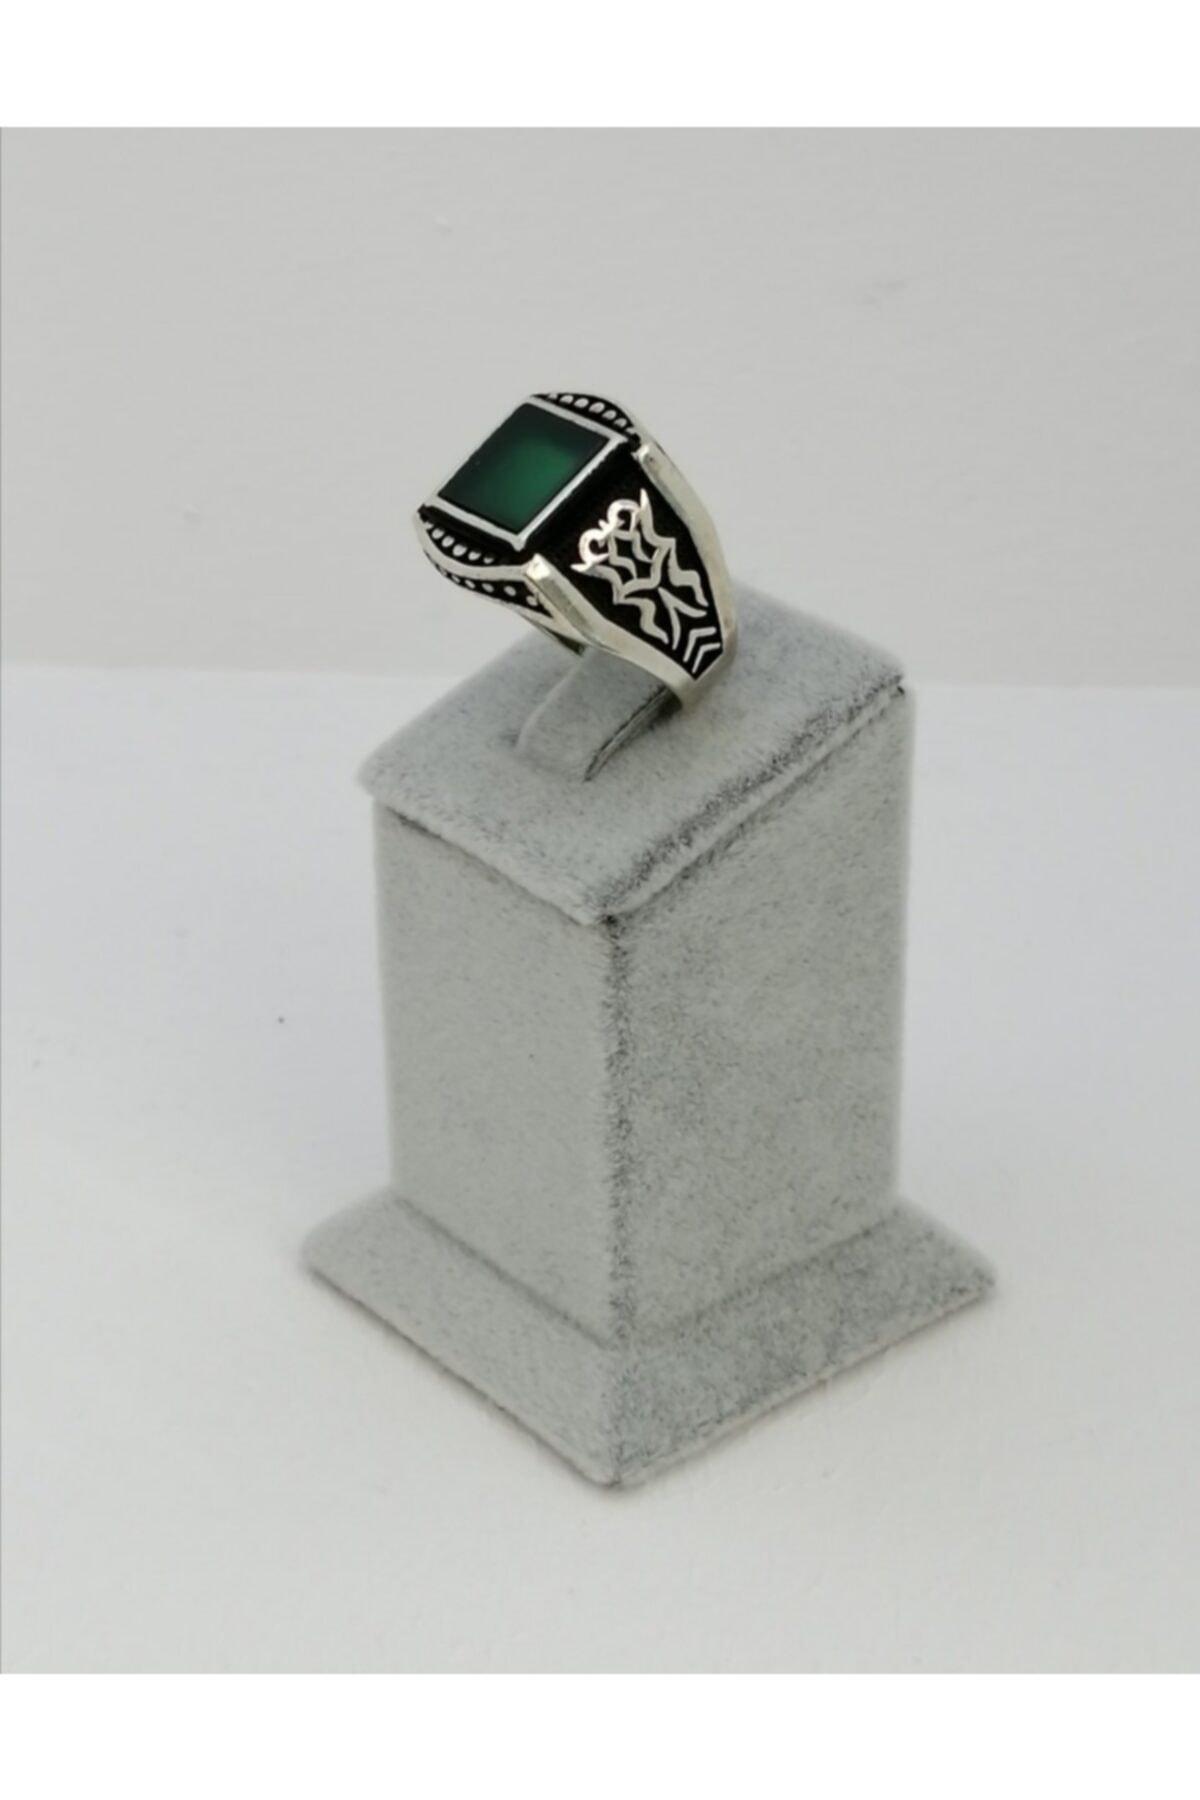 Caran d'Ache Özel Tasarım Özel Işçilik 925 Ayar Gümüş Yeşil Akik Taş Detaylı Yüzük 1